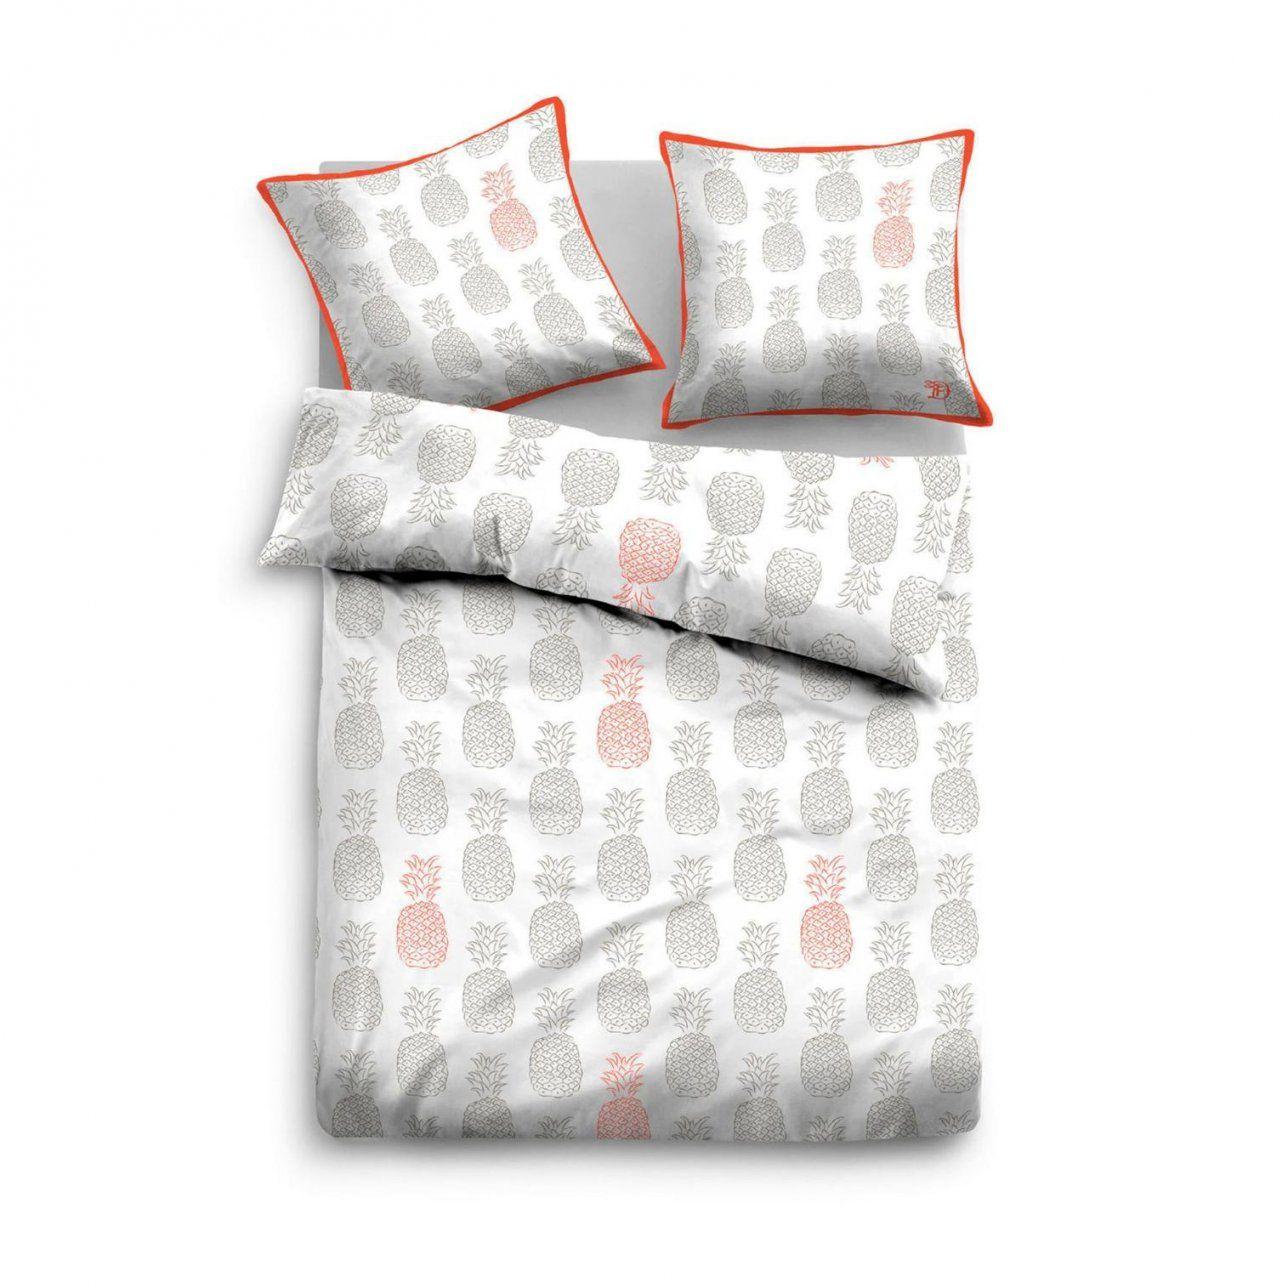 Tom Tailor Denim Linon Bettwäscheset In Farbe Grauorange Um 50 von Bettwäsche Tom Tailor Reduziert Bild